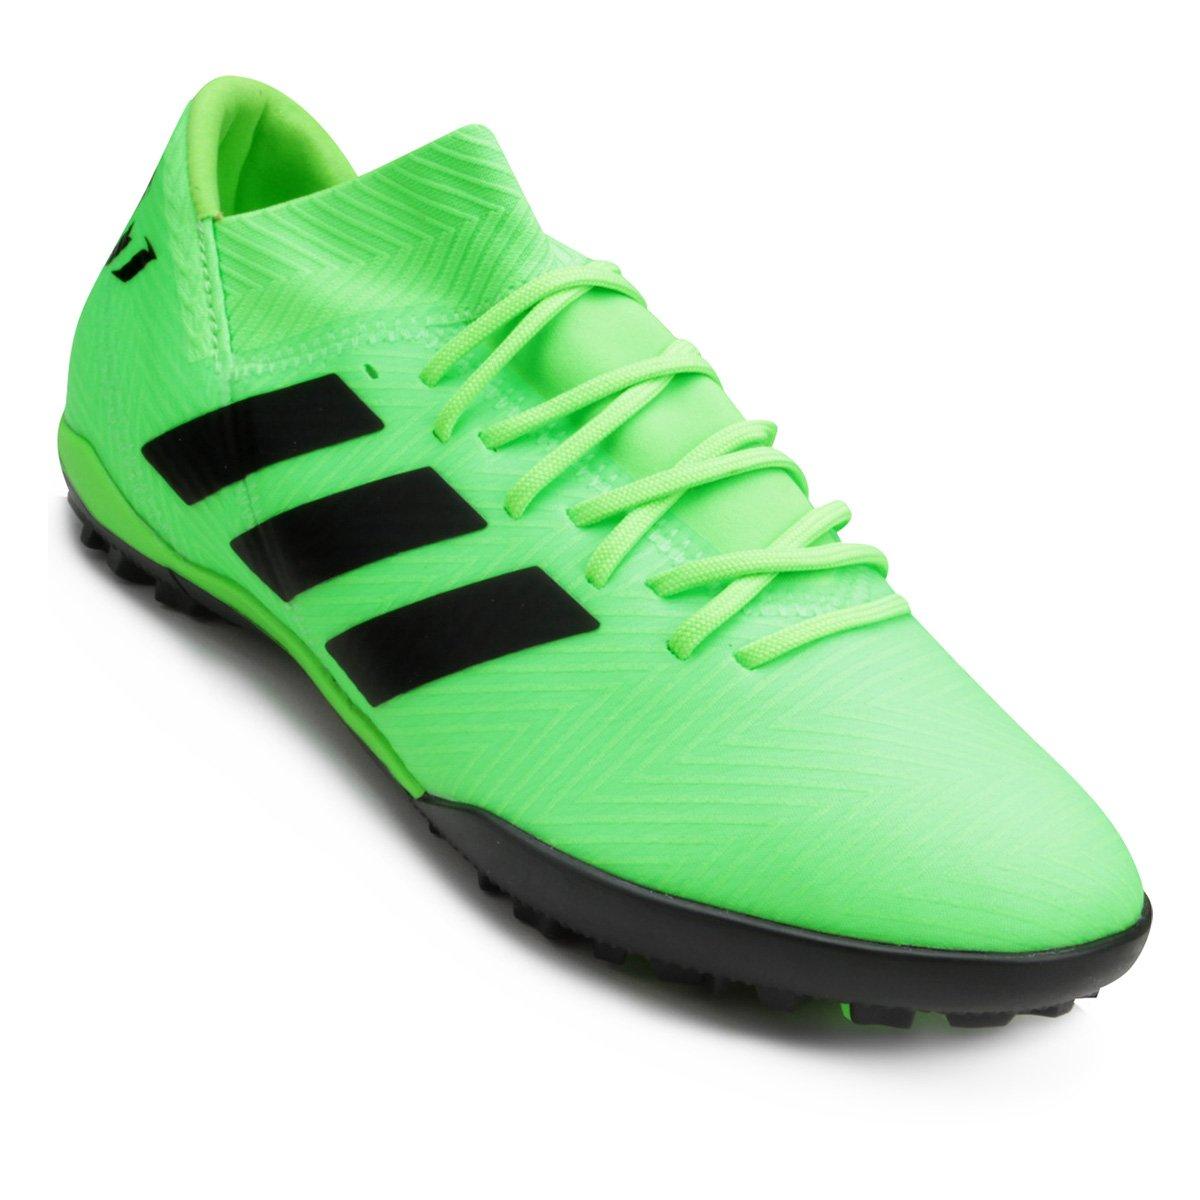 5ec37babc98a5 Chuteira Society Adidas Nemeziz Messi Tan 18 3 TF - Compre Agora ...